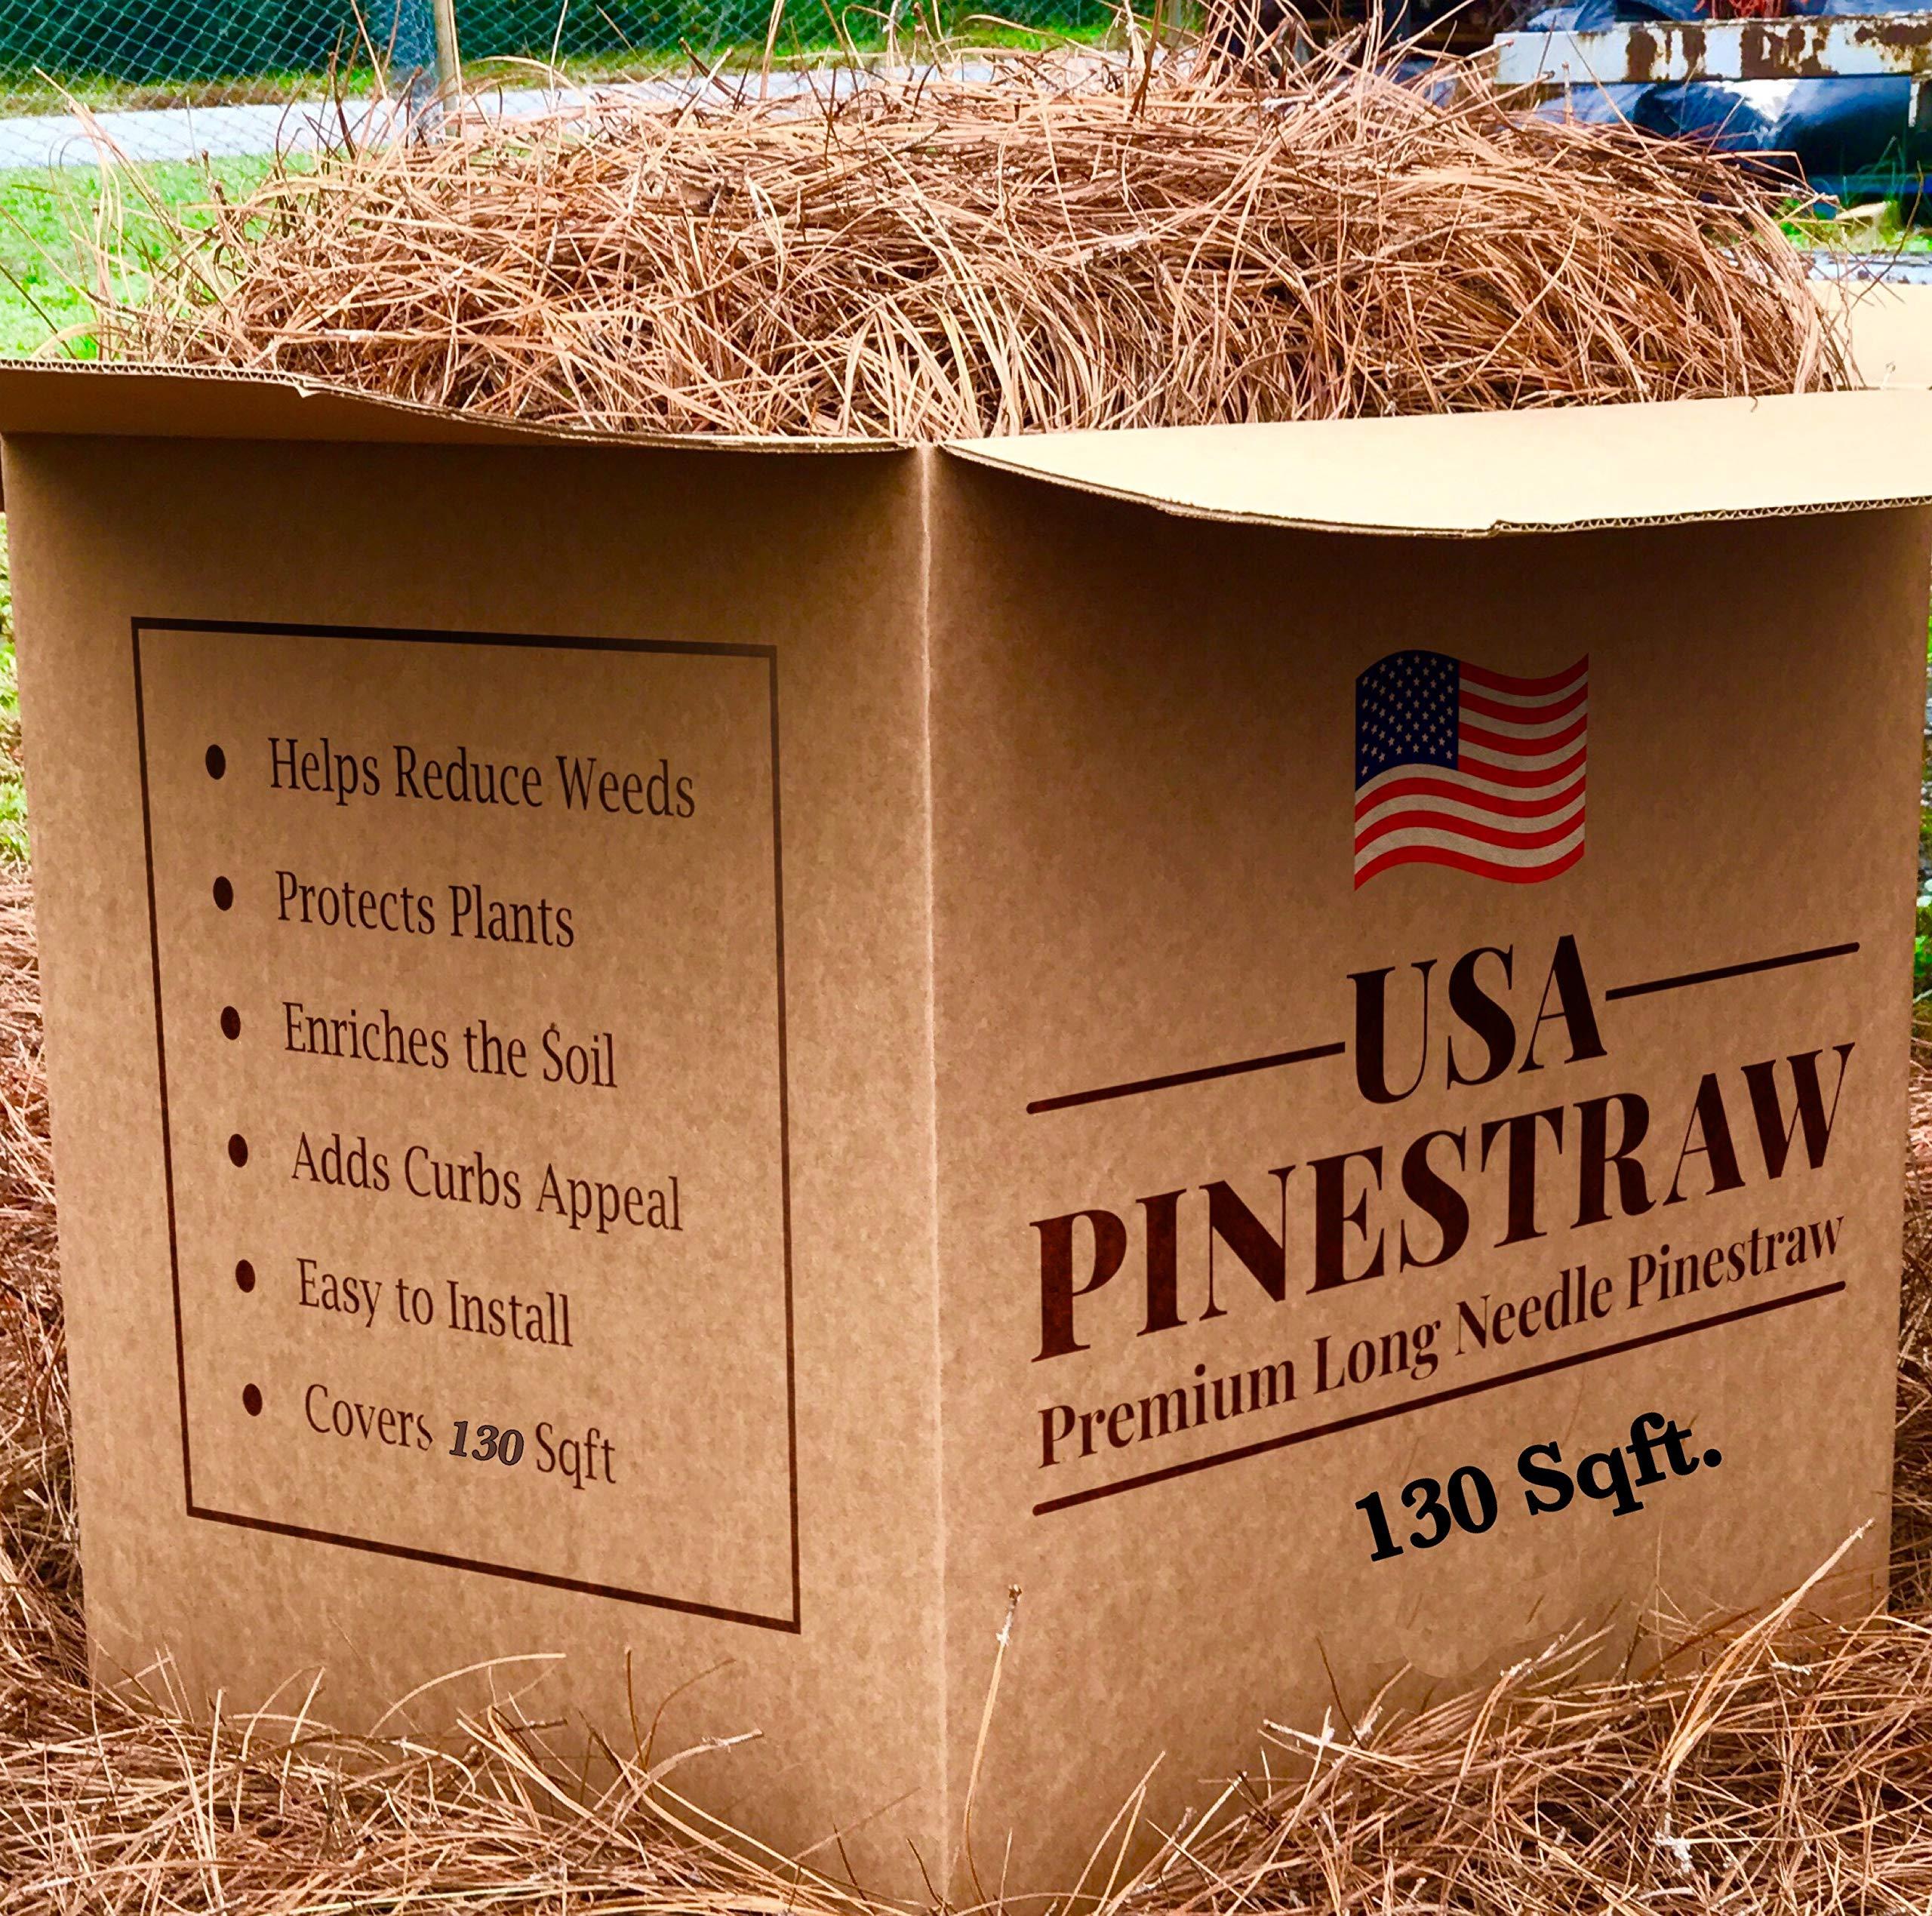 USA Pine Straw - Premium Pine Needle Mulch - Covers 130 Sqft